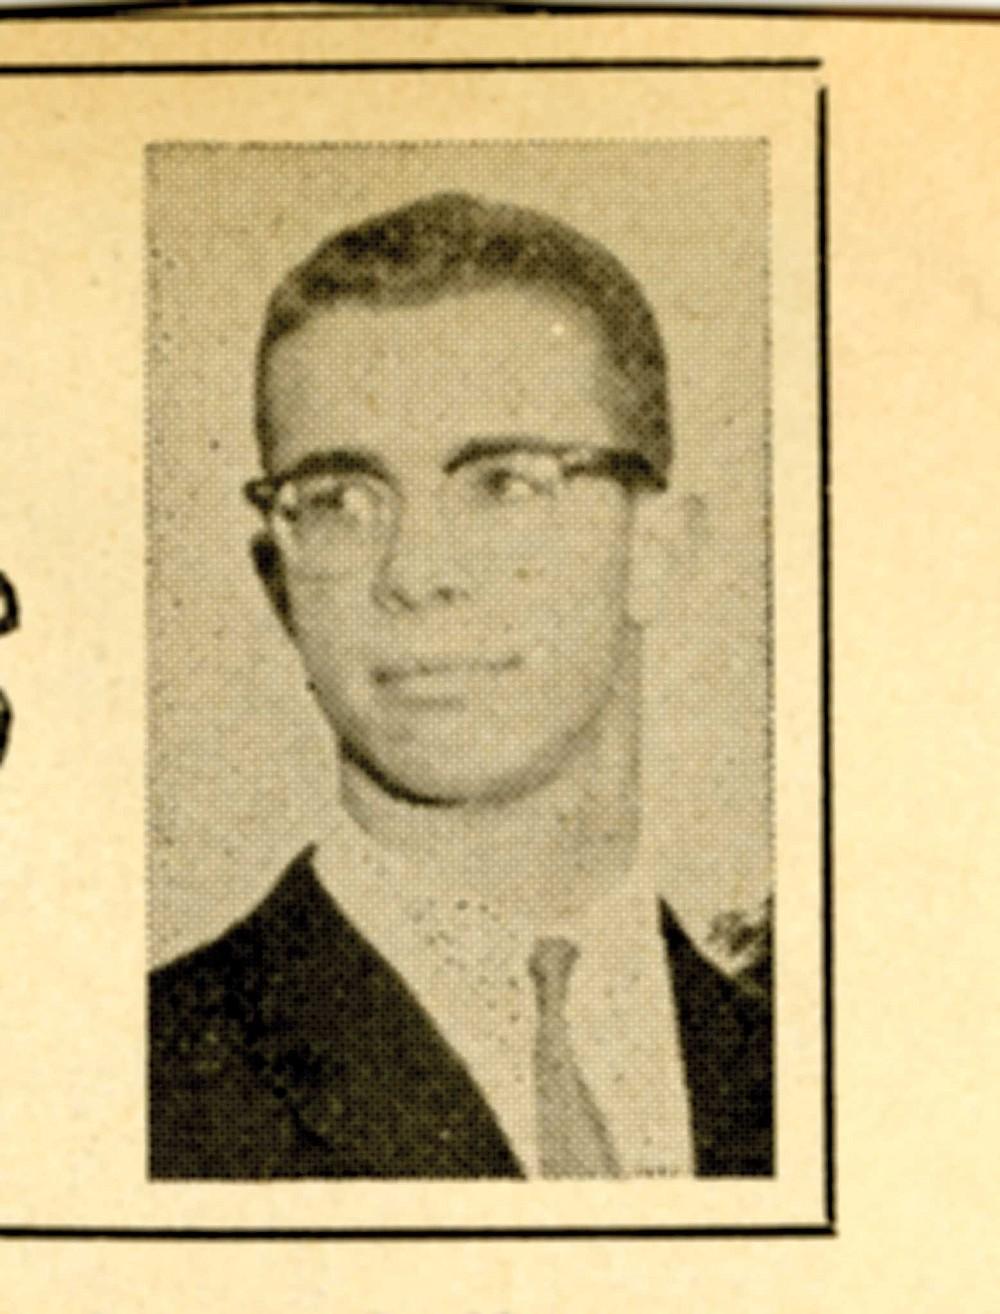 Tom Lickona, collegiate sportswriter